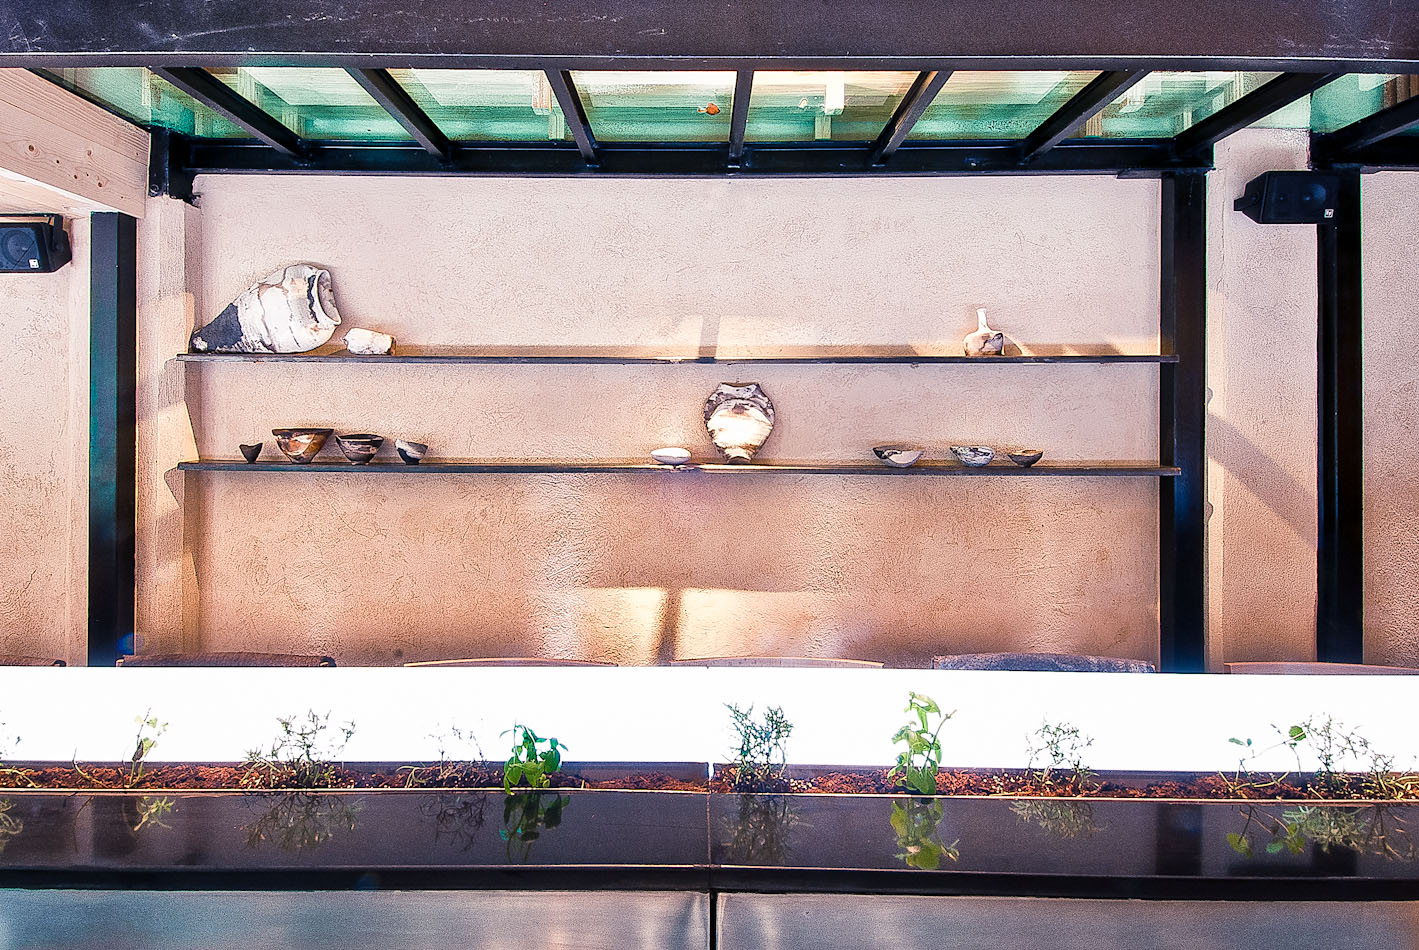 צילום קולינריה    צילום מסעדות ויחסי ציבור    צילום אוכל    סטודיו איתי אבירן